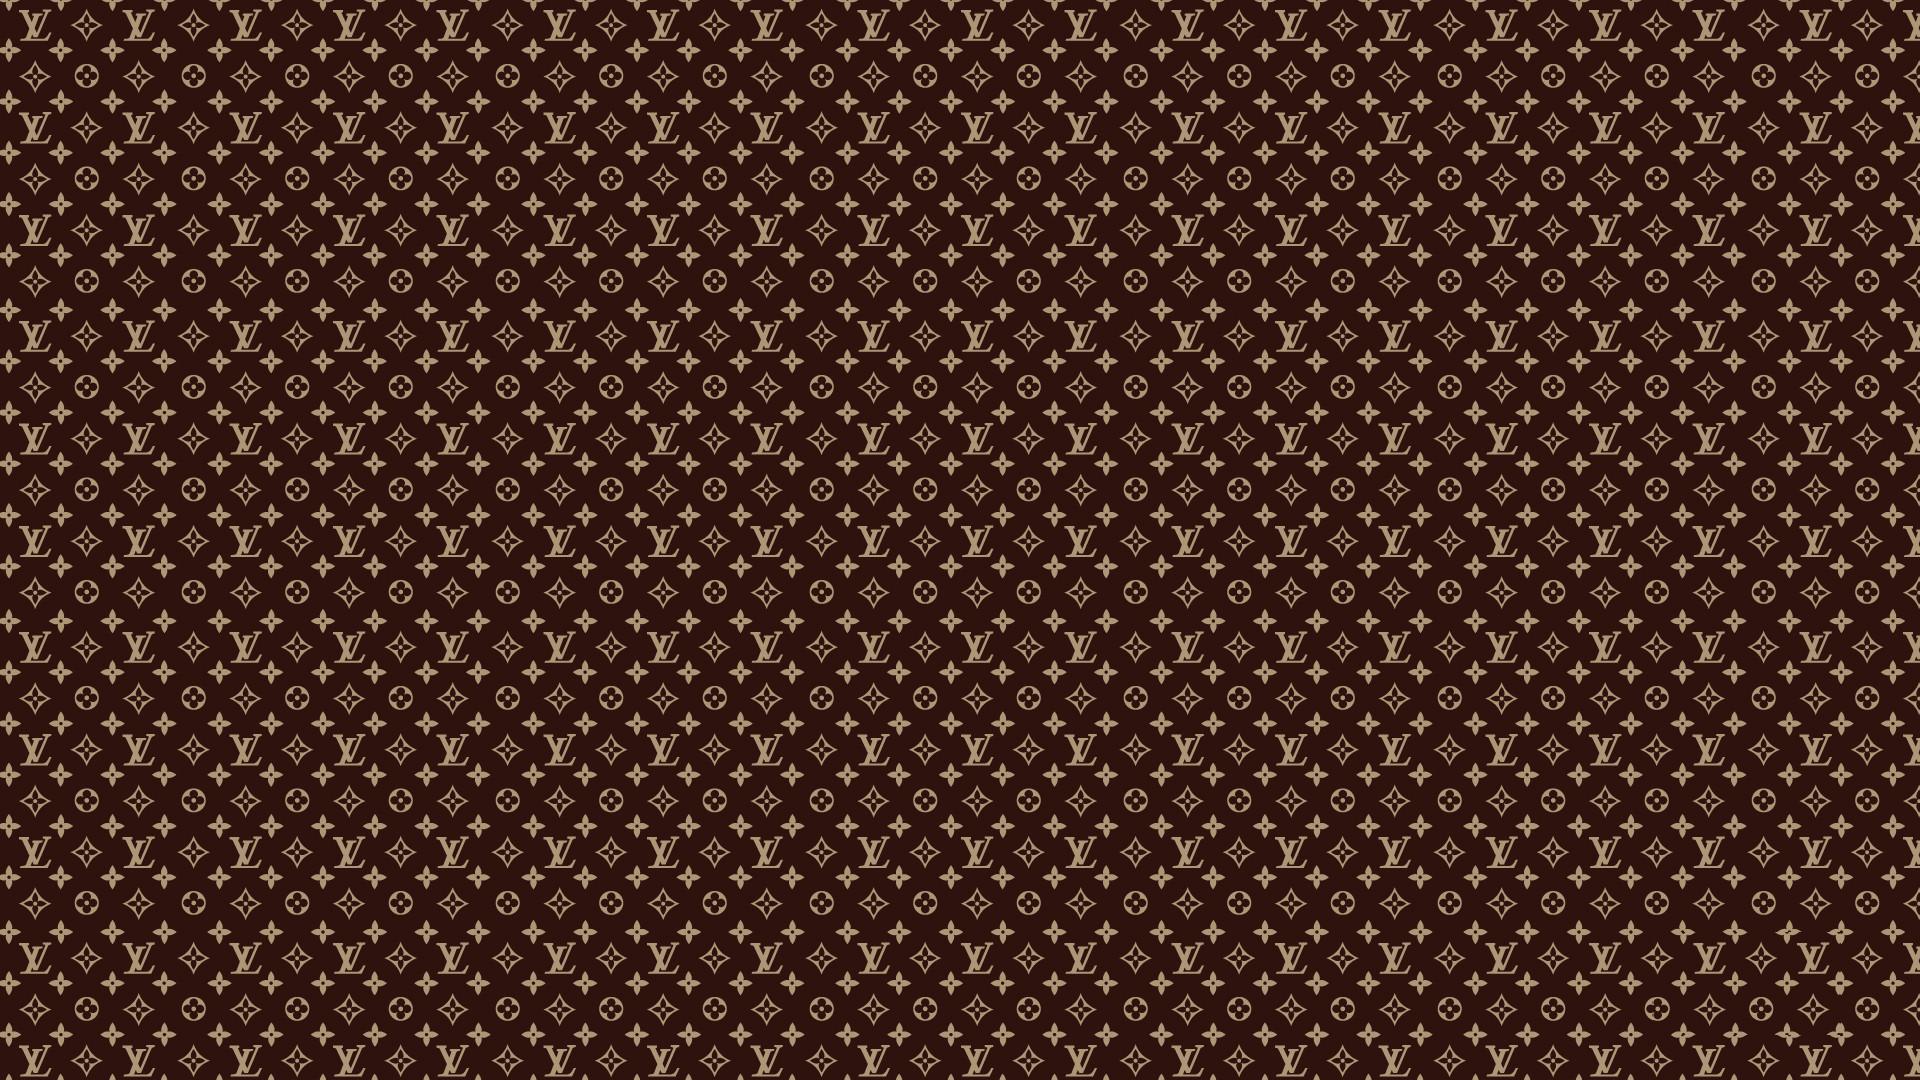 Louis Vuitton Wallpaper Hd 1920x1080